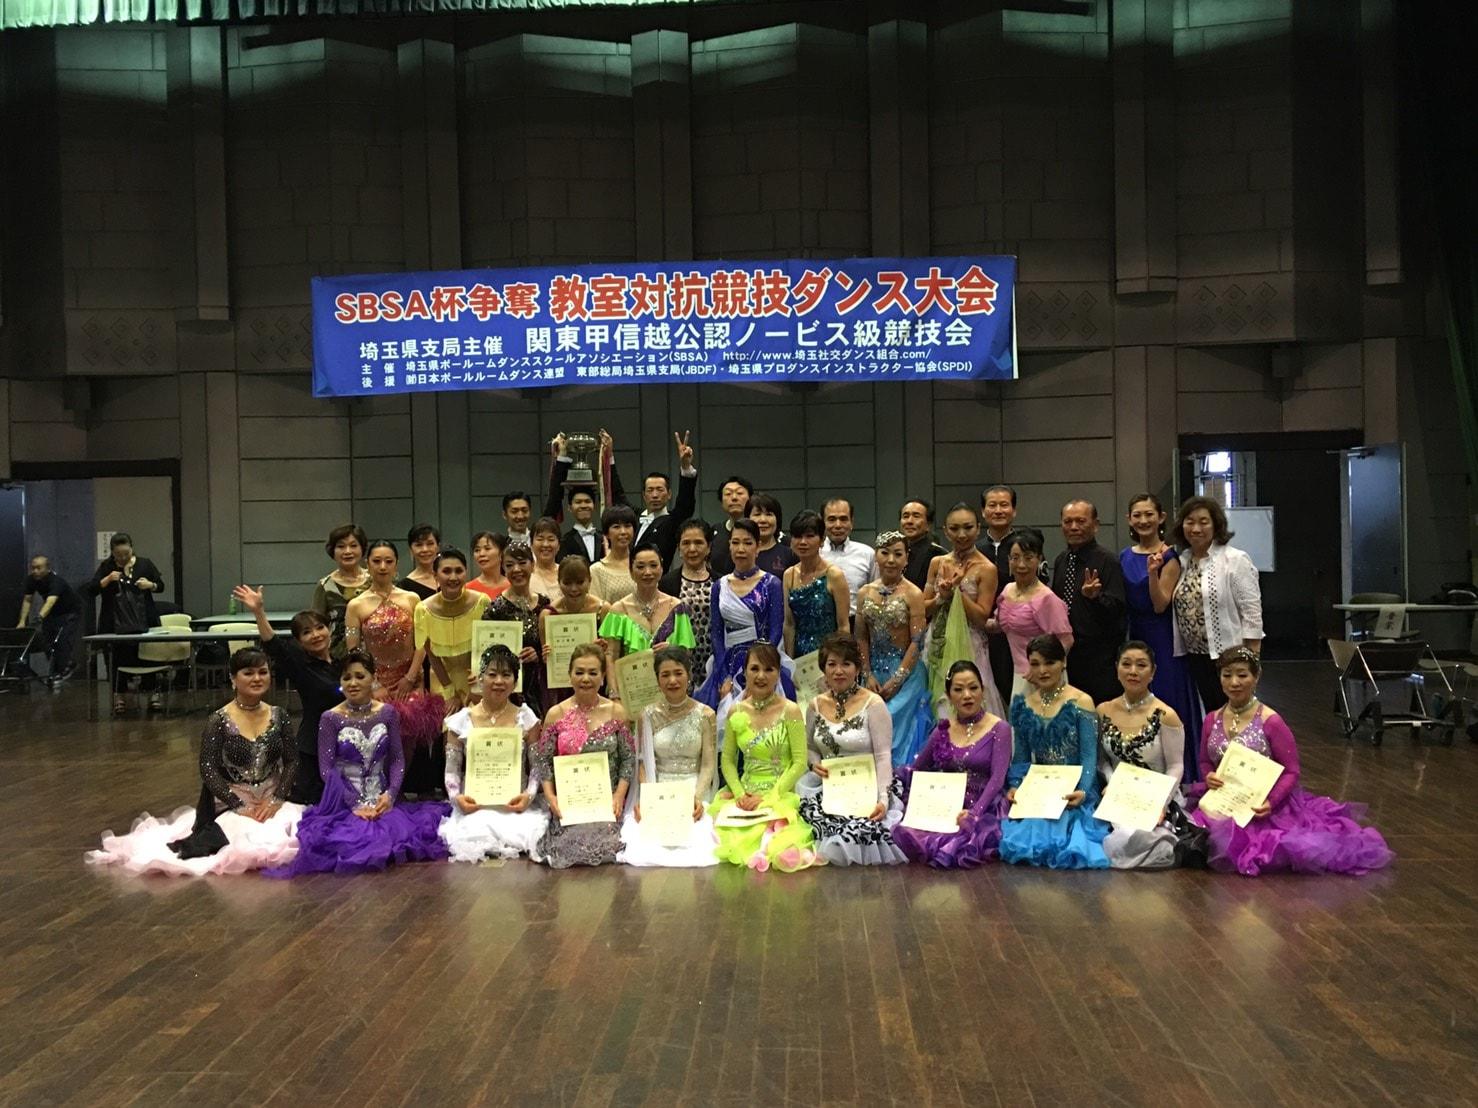 社交ダンス|馬宮コミュニティセンター|さいたま市|サークル